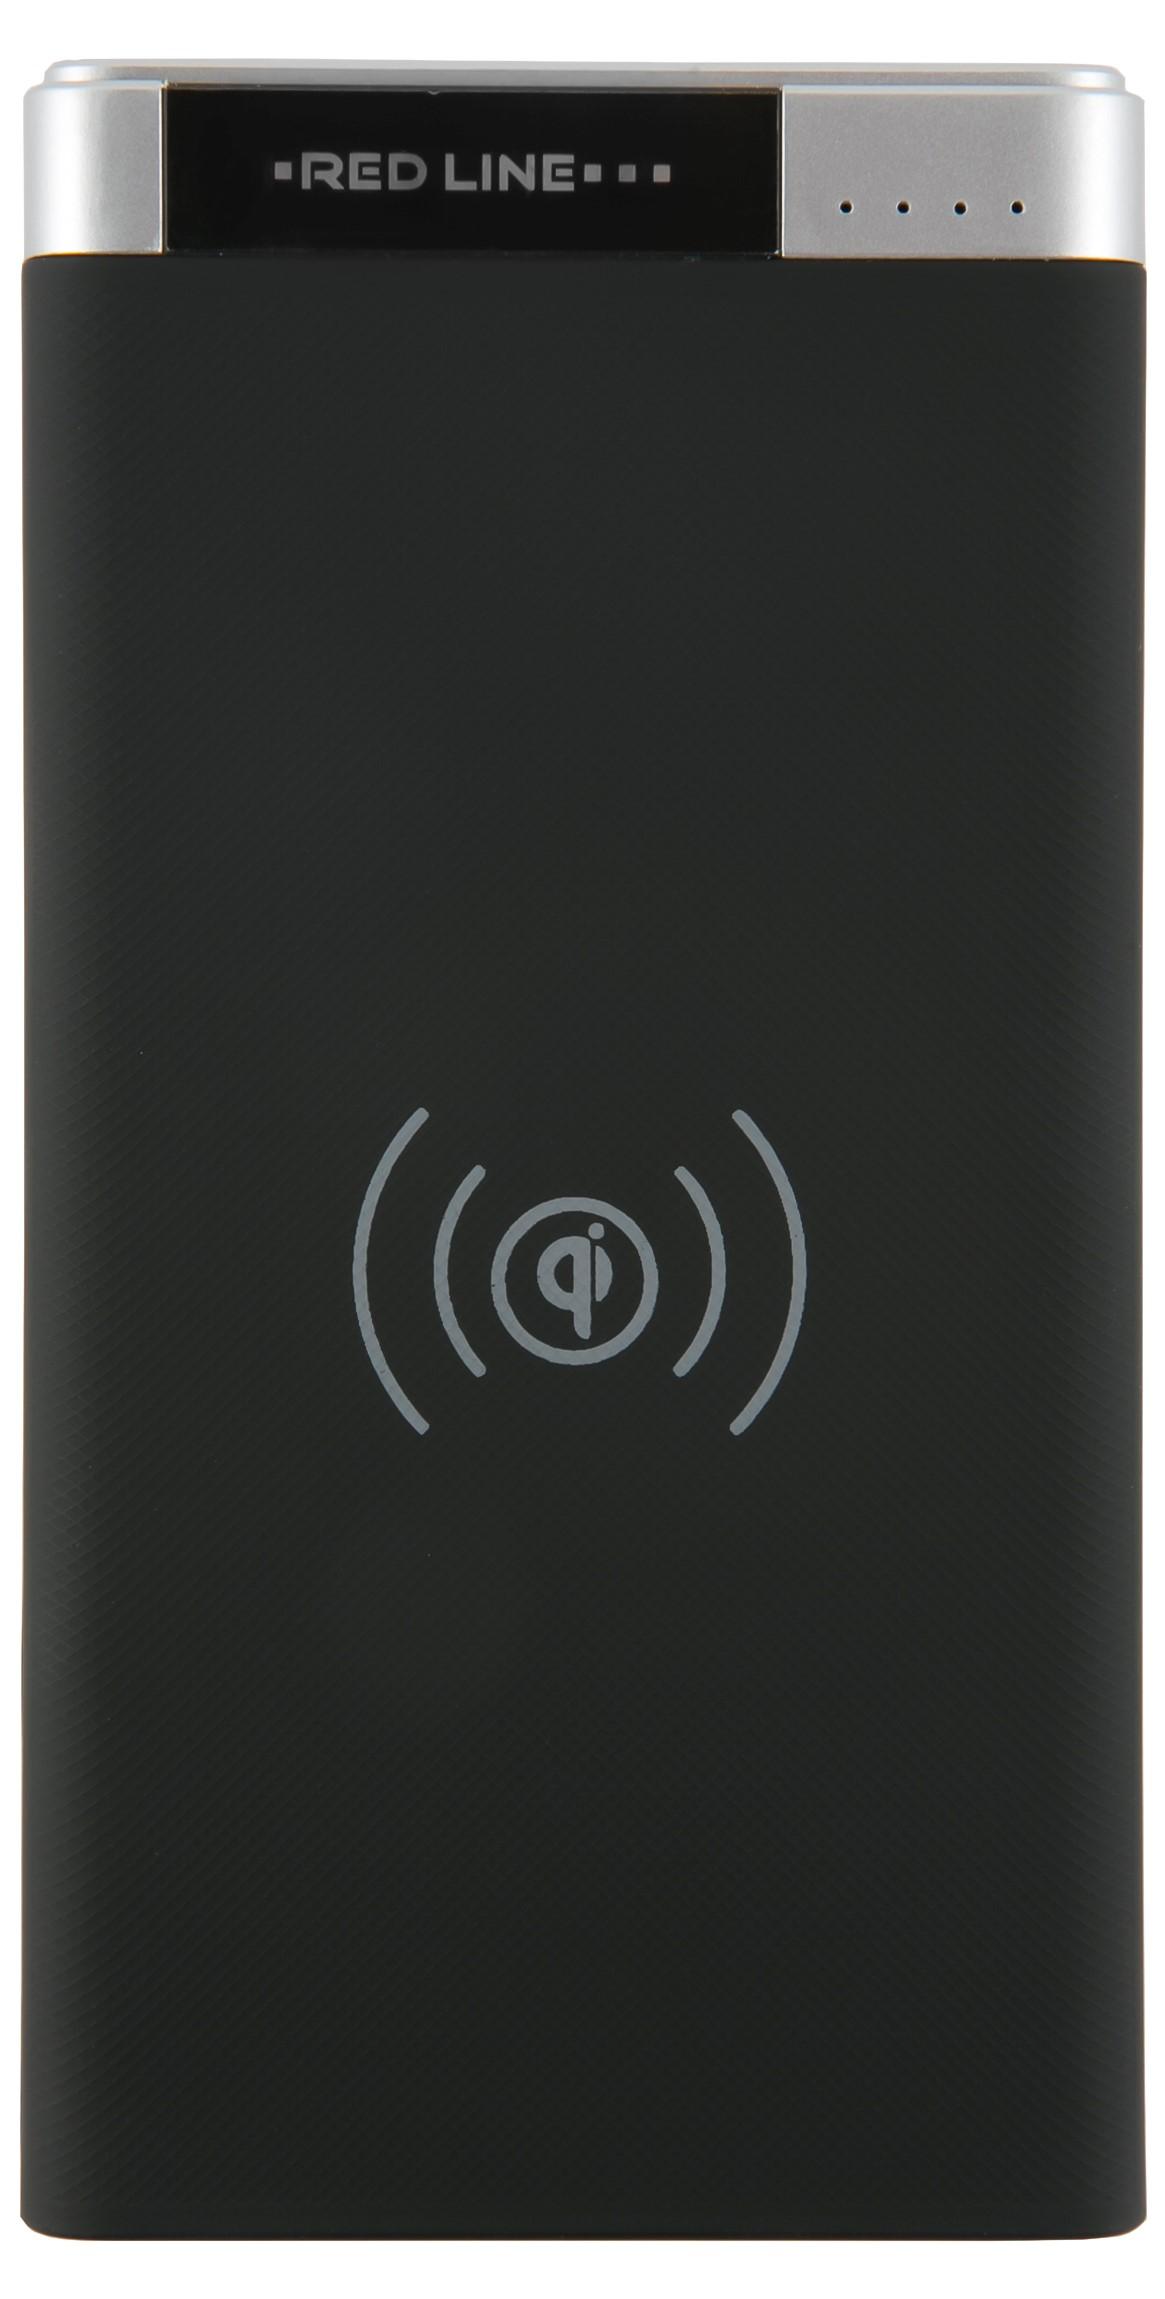 Внешний аккумулятор RedLine WS-T20 6000 mAh с функцией беспроводной зарядки black фото